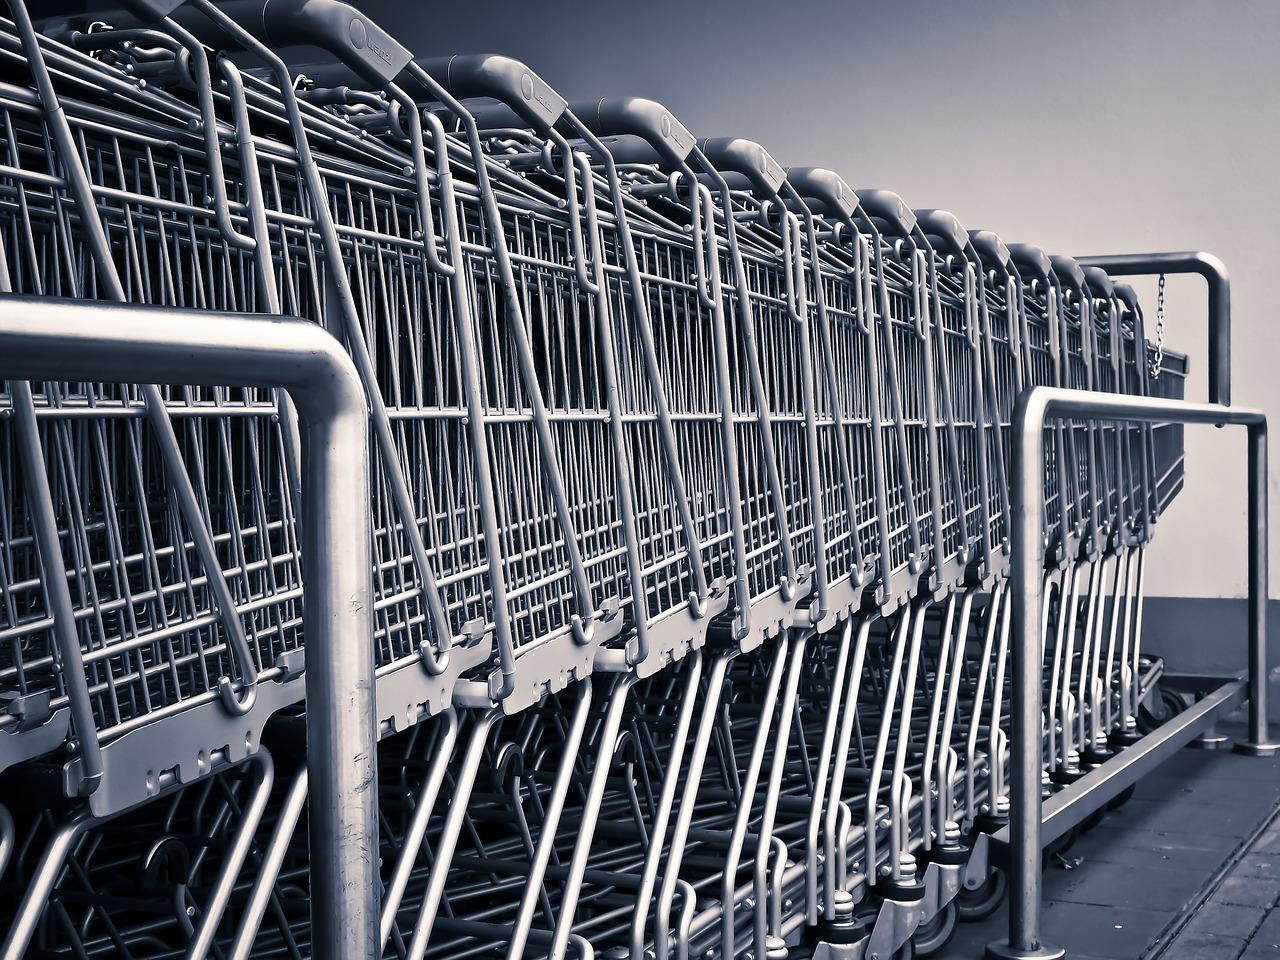 Le premier magasin Costco de France a ouvert